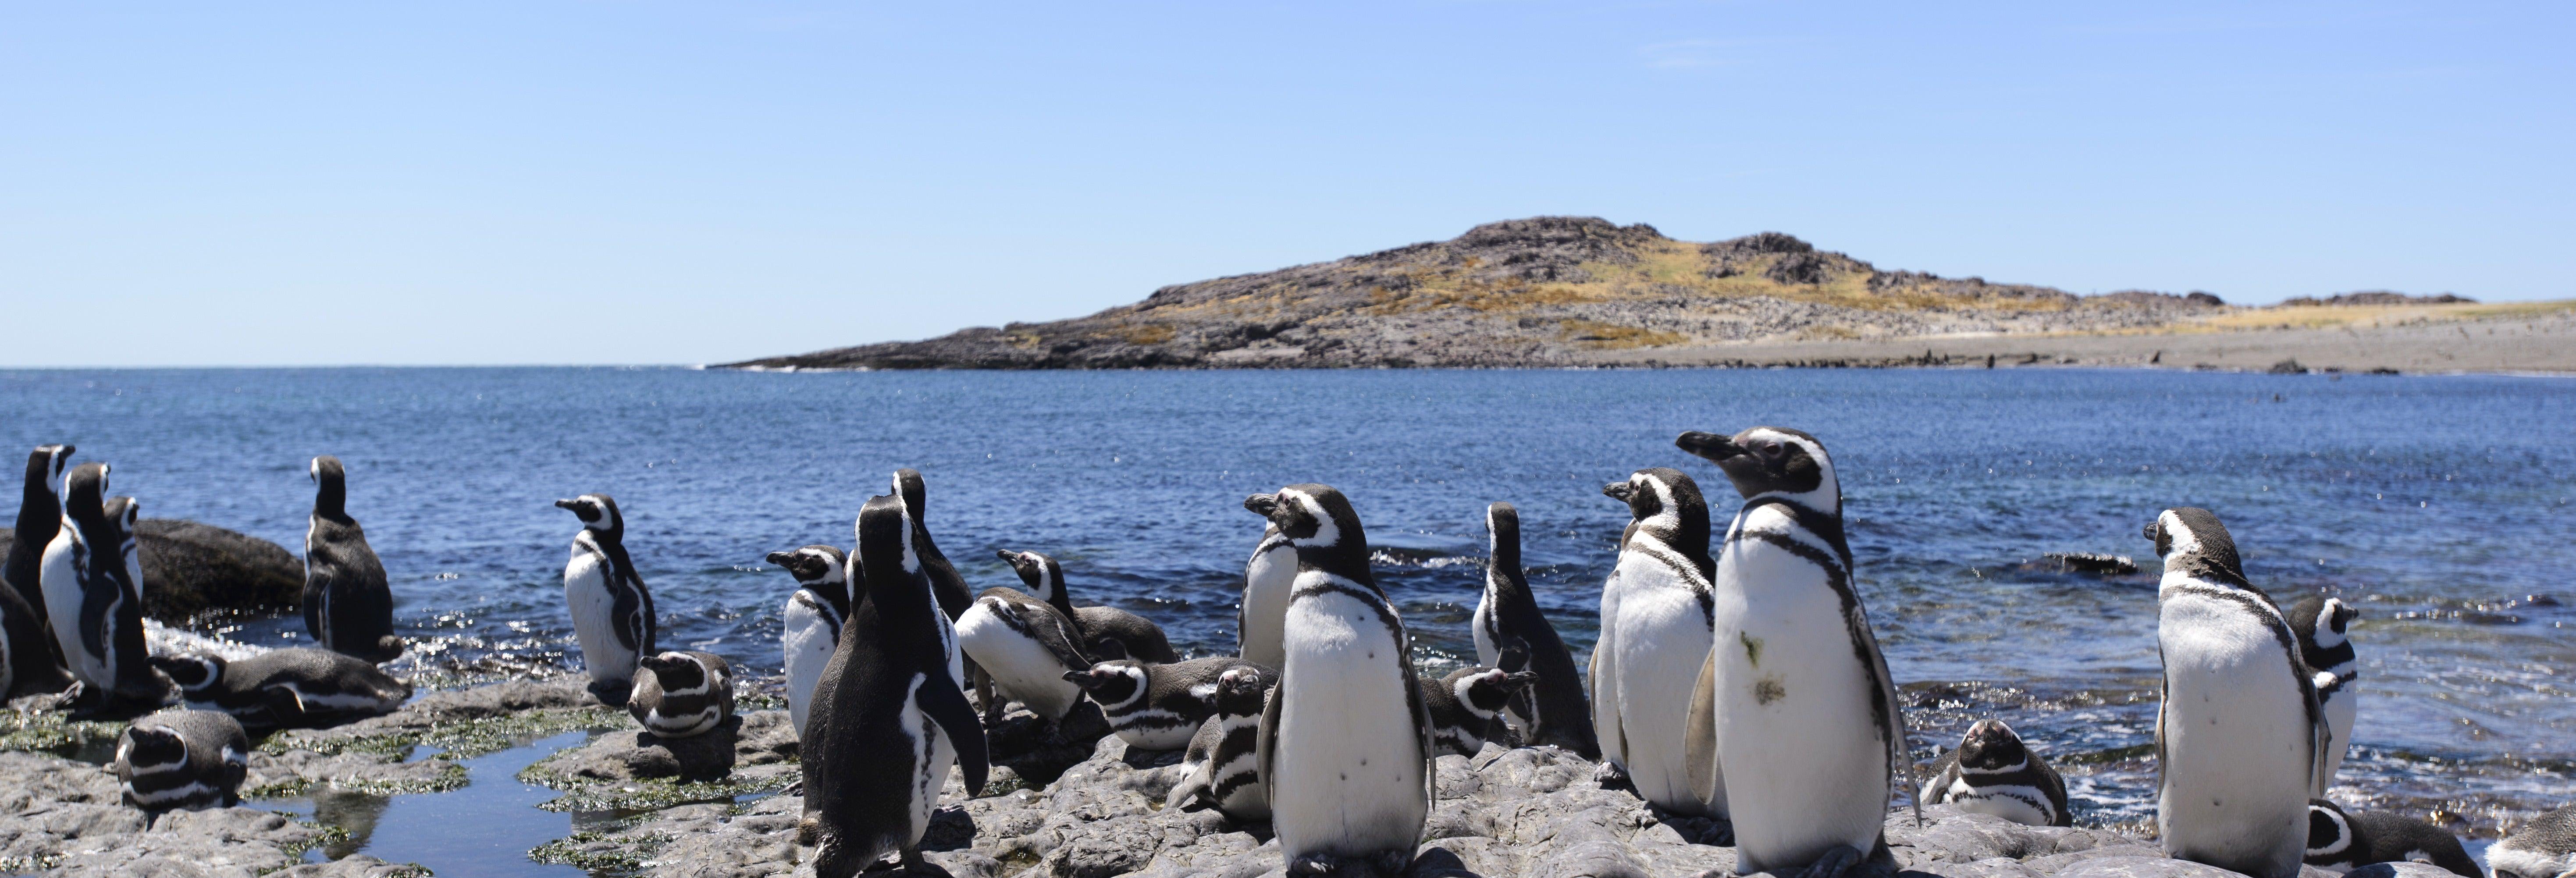 Avistamento de pinguins em Punta Tombo e Isla Escondida